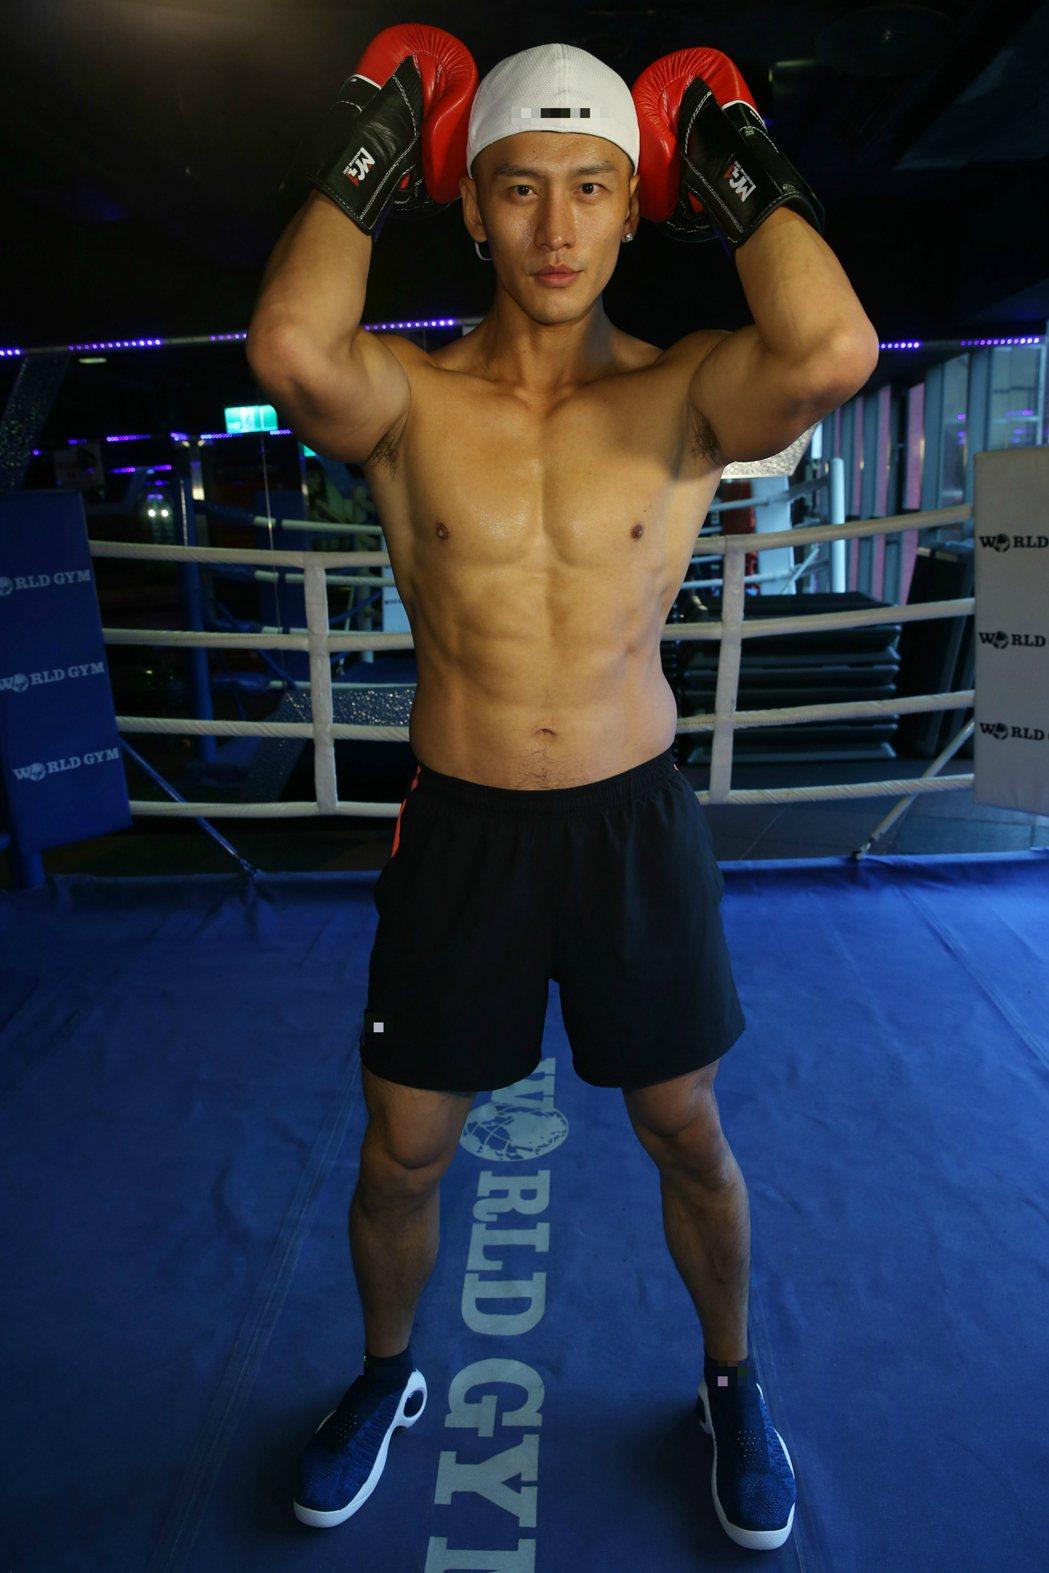 顧又銘在歐洲拍寫真,吸引不少外國人駐足,欣賞他健壯的肉體。記者林俊良/攝影